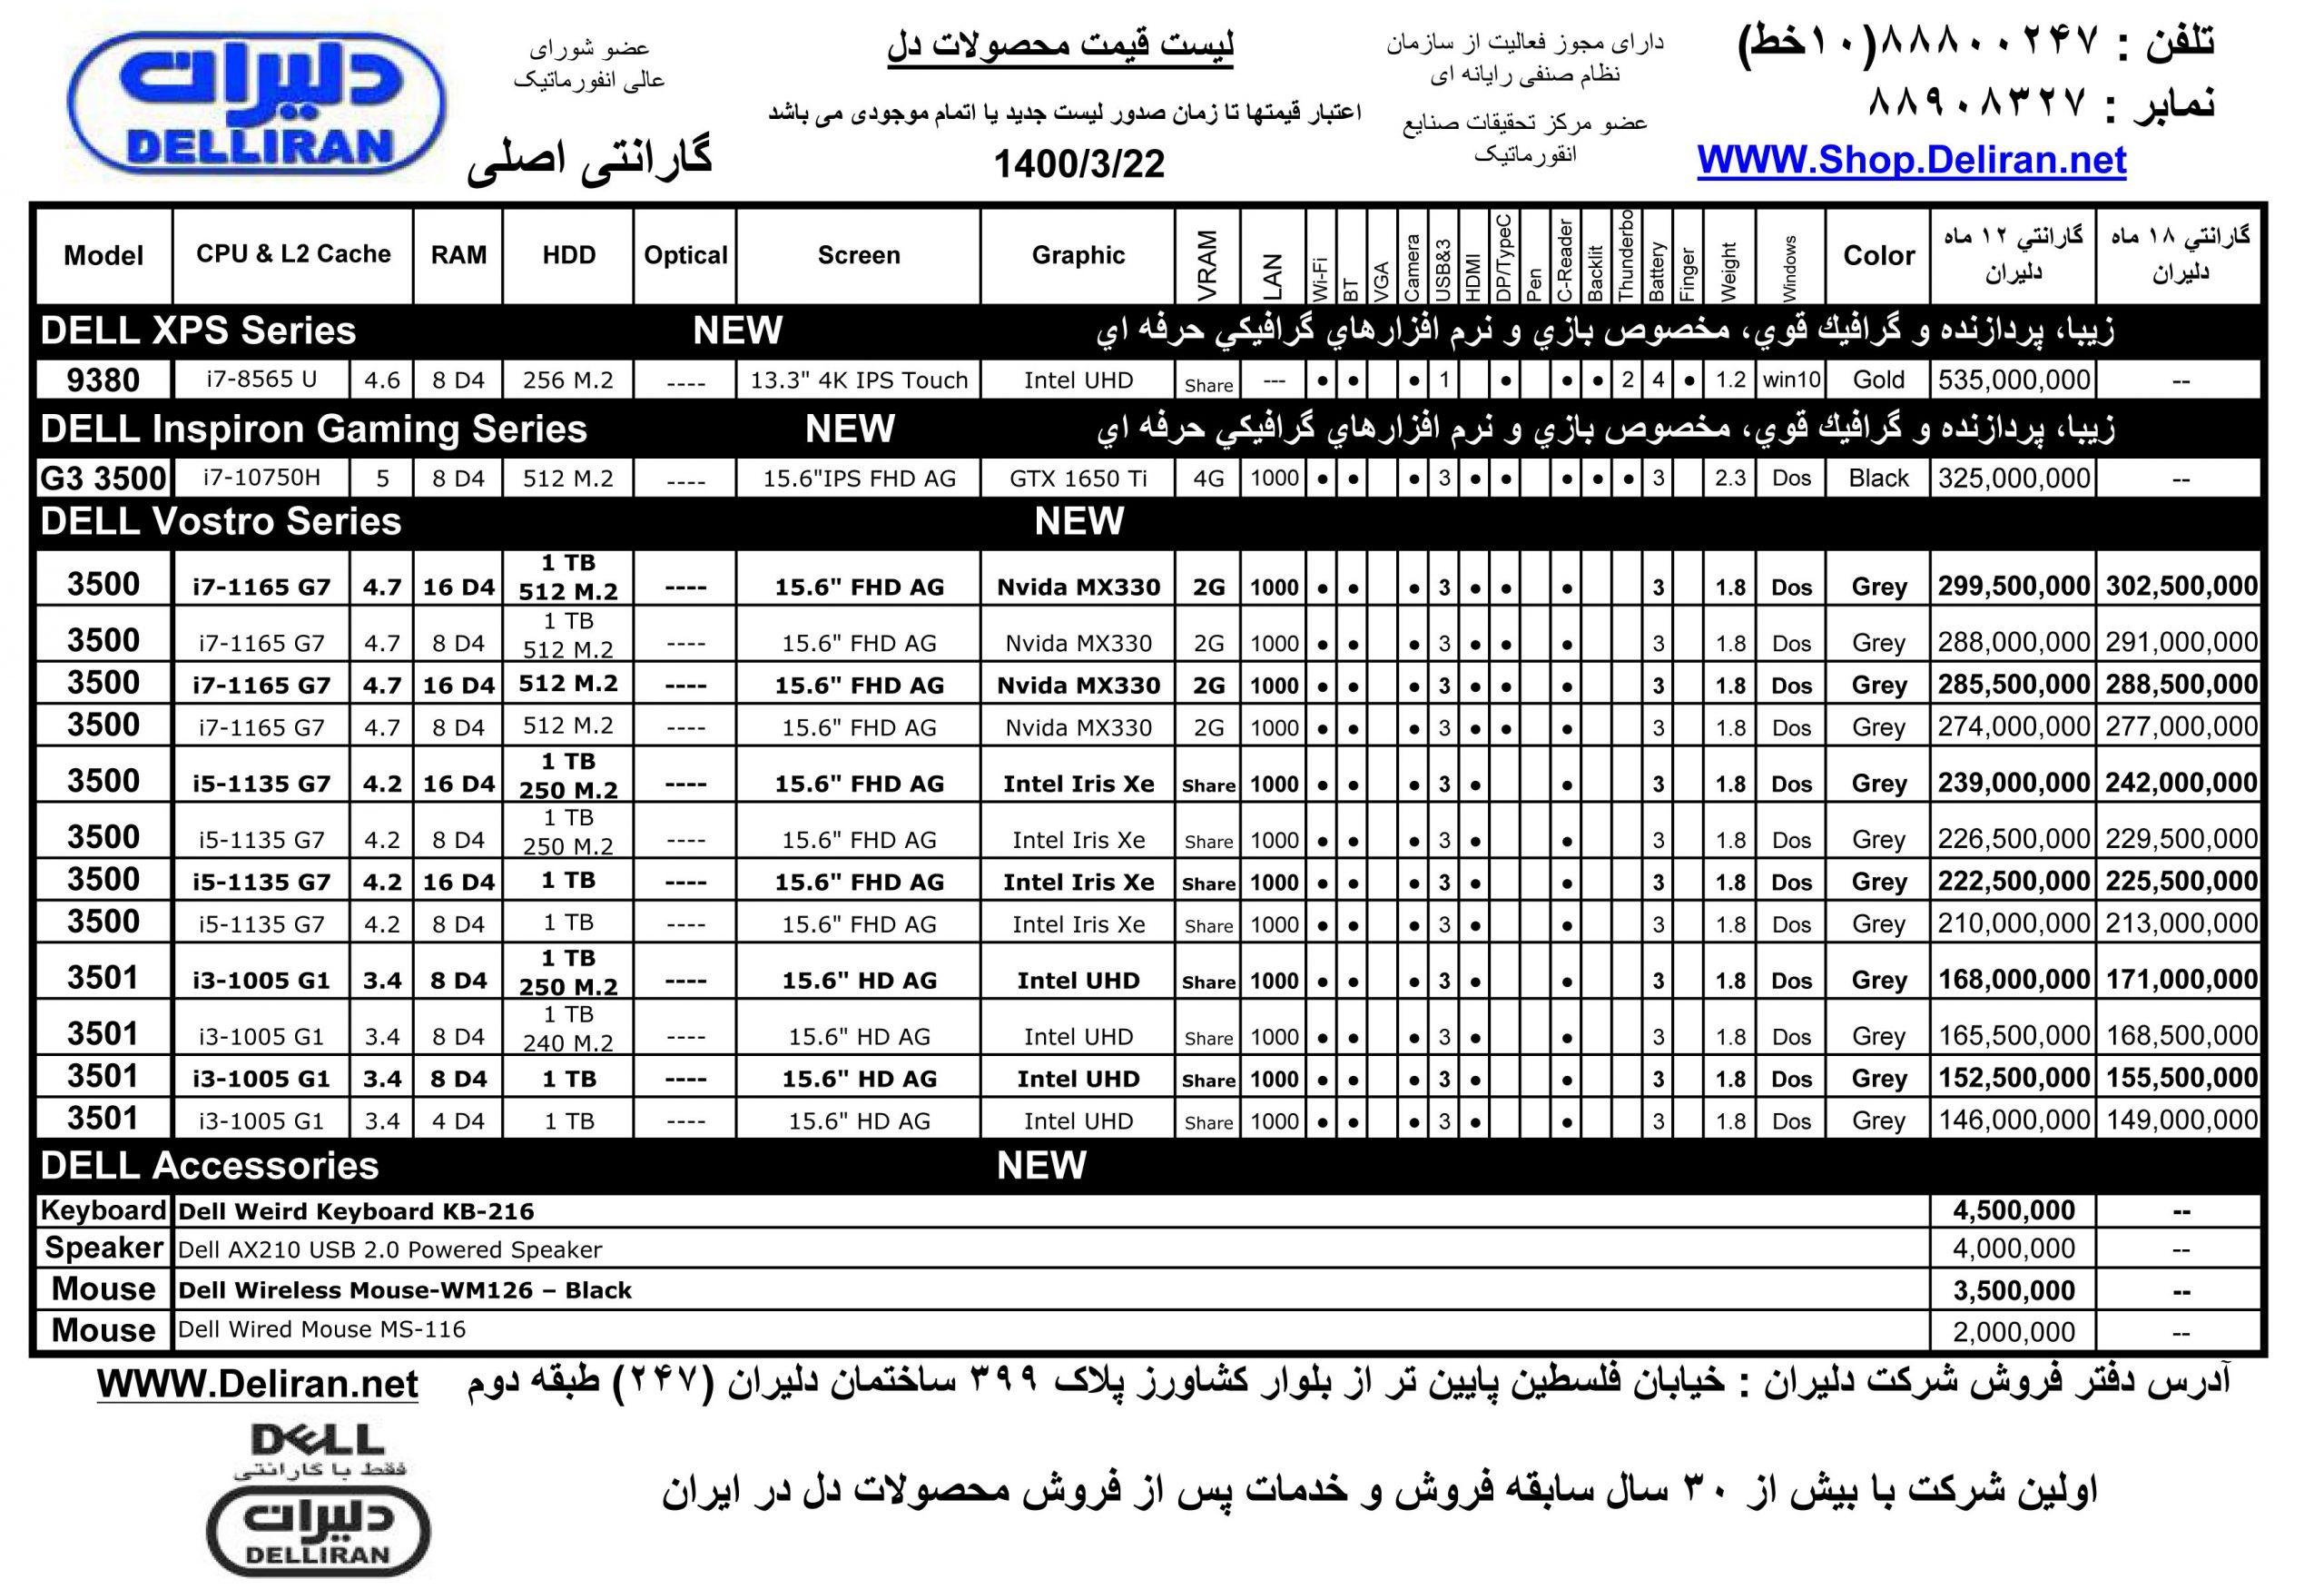 لیست قیمت لپ تاپ دل 22 خرداد